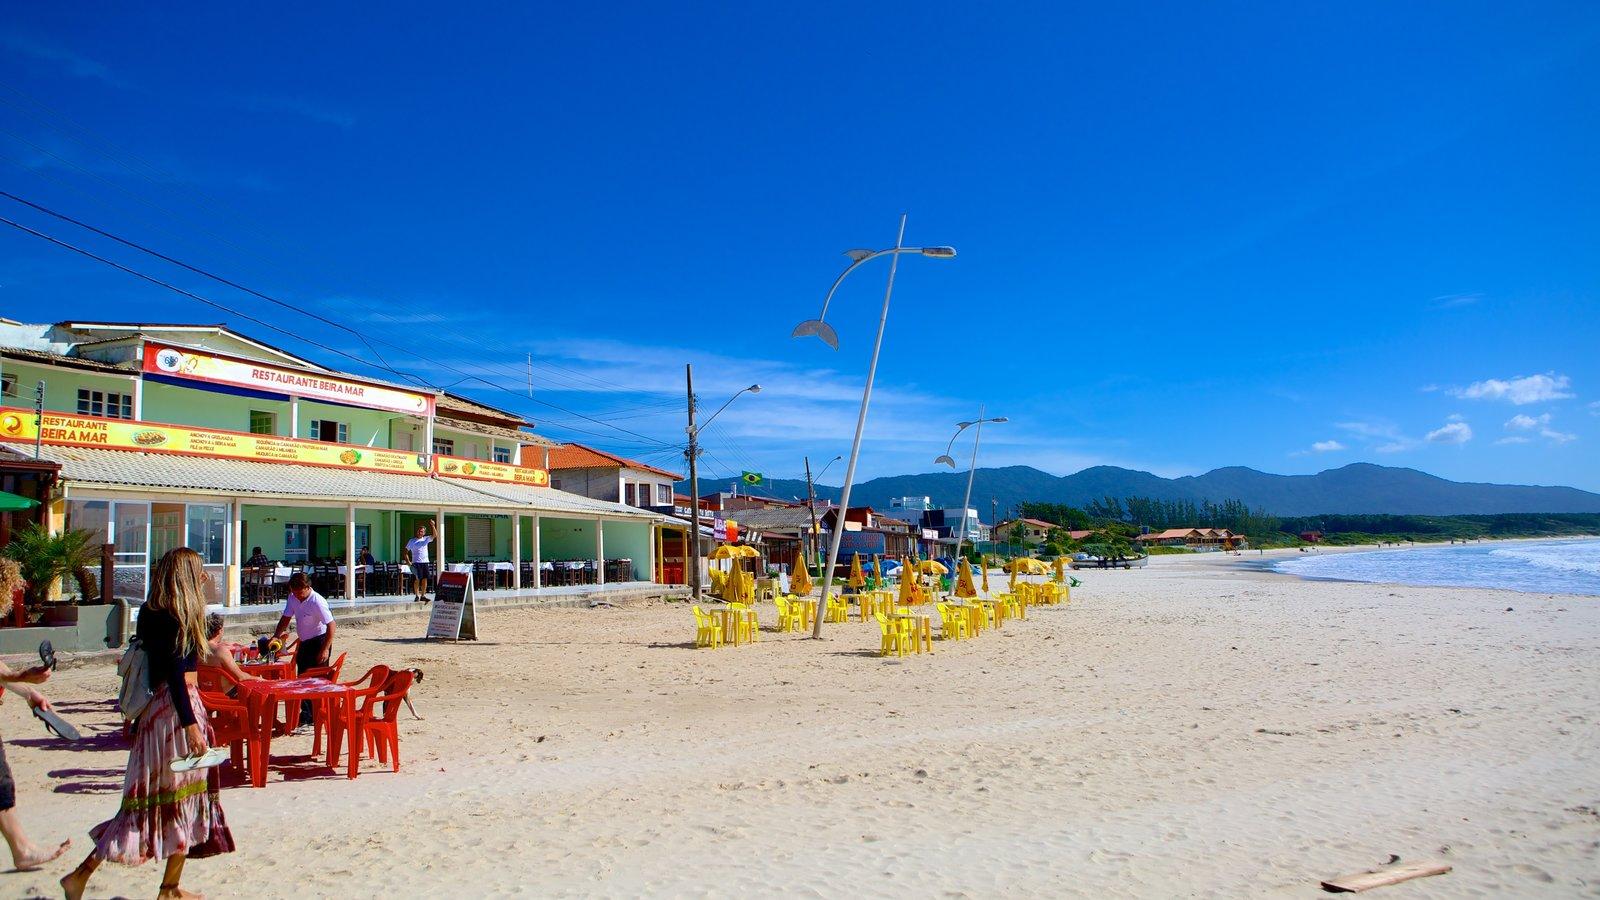 Praia da Barra da Lagoa caracterizando uma praia de areia e paisagem